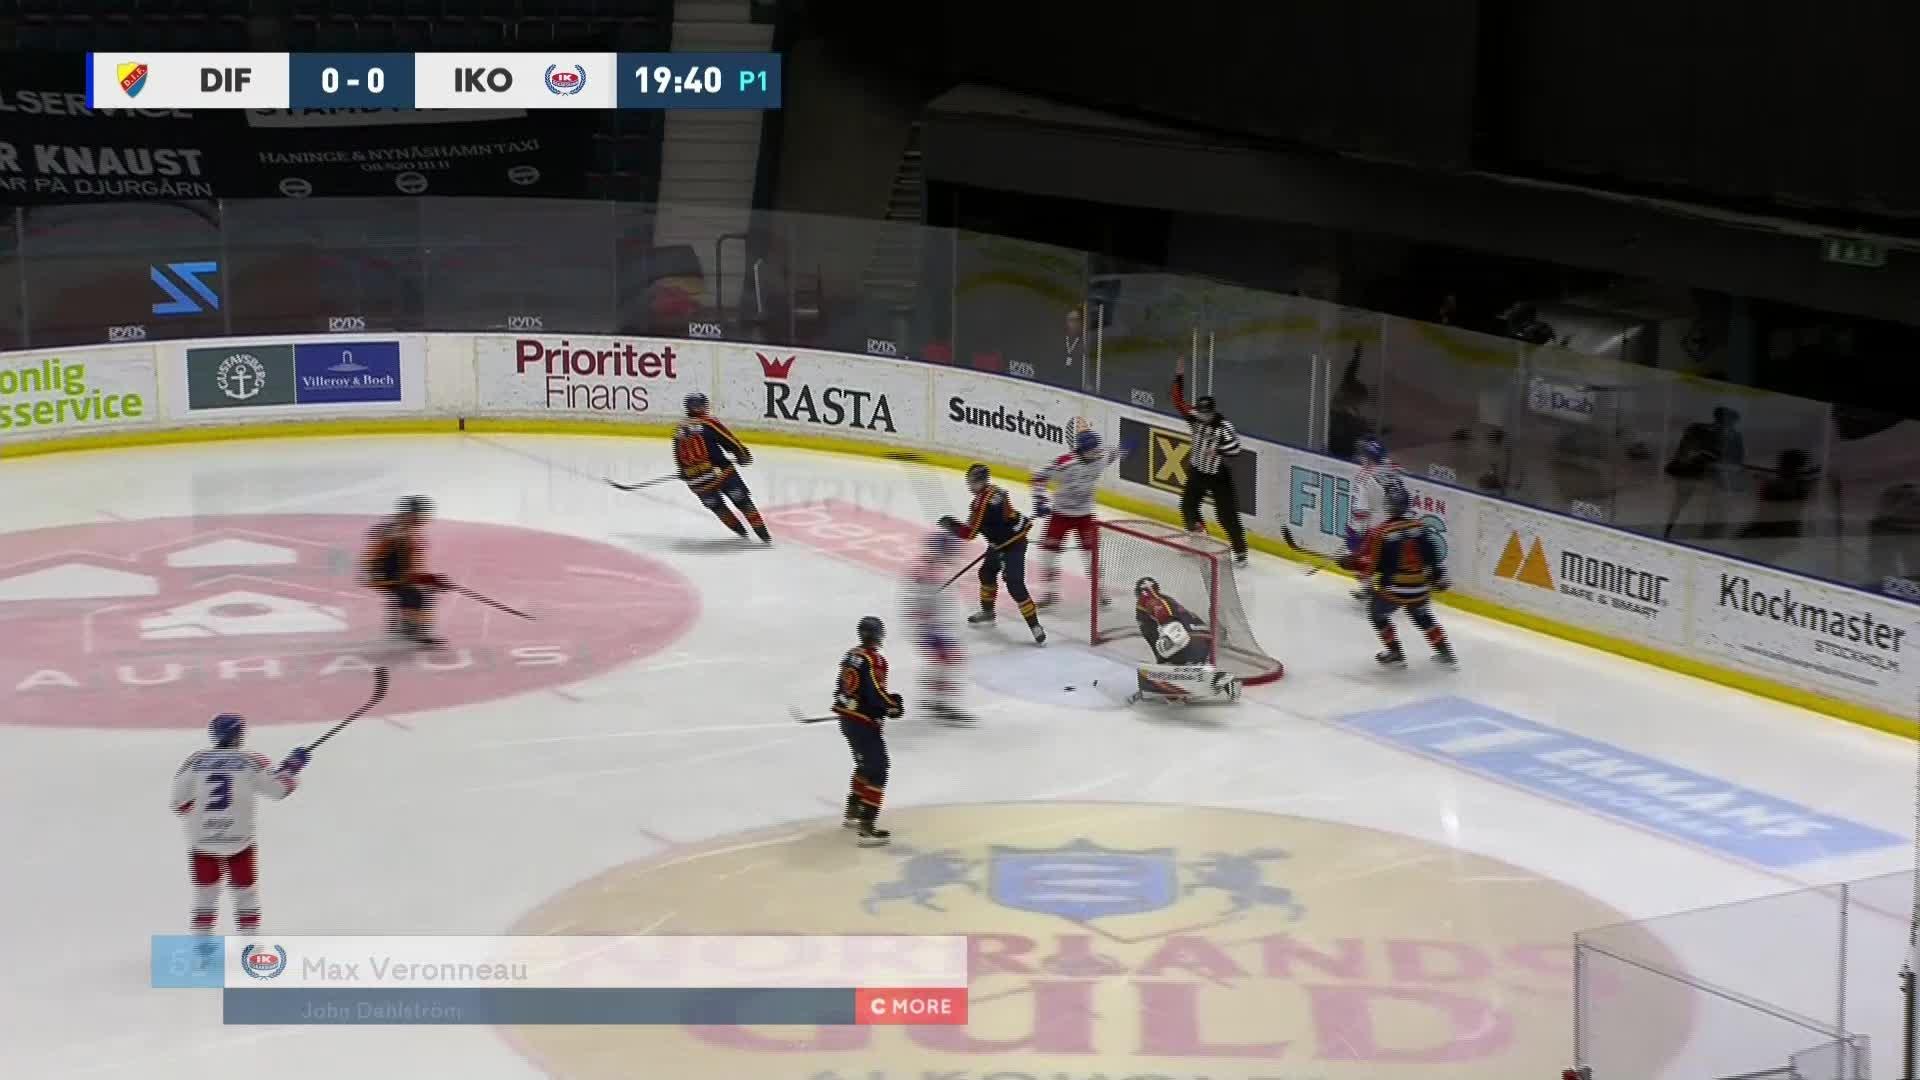 Djurgården Hockey - IK Oskarshamn 0-1